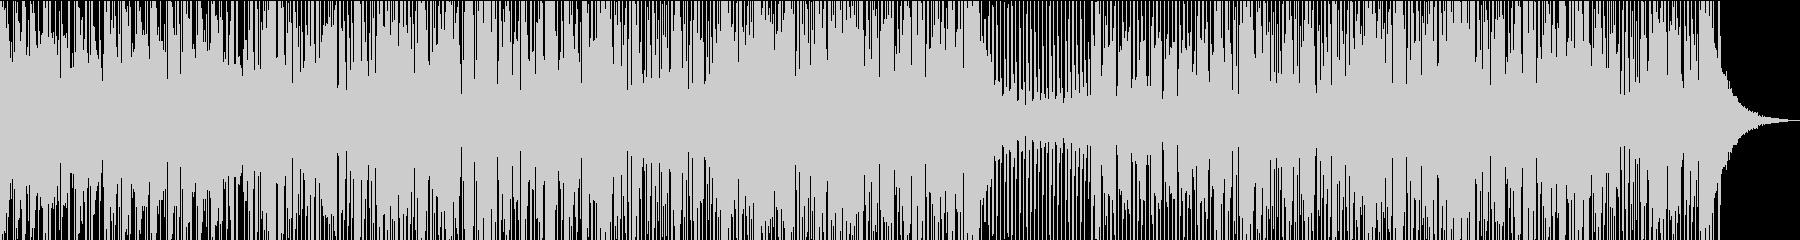 愉快でファンキーなレゲエトラックの未再生の波形